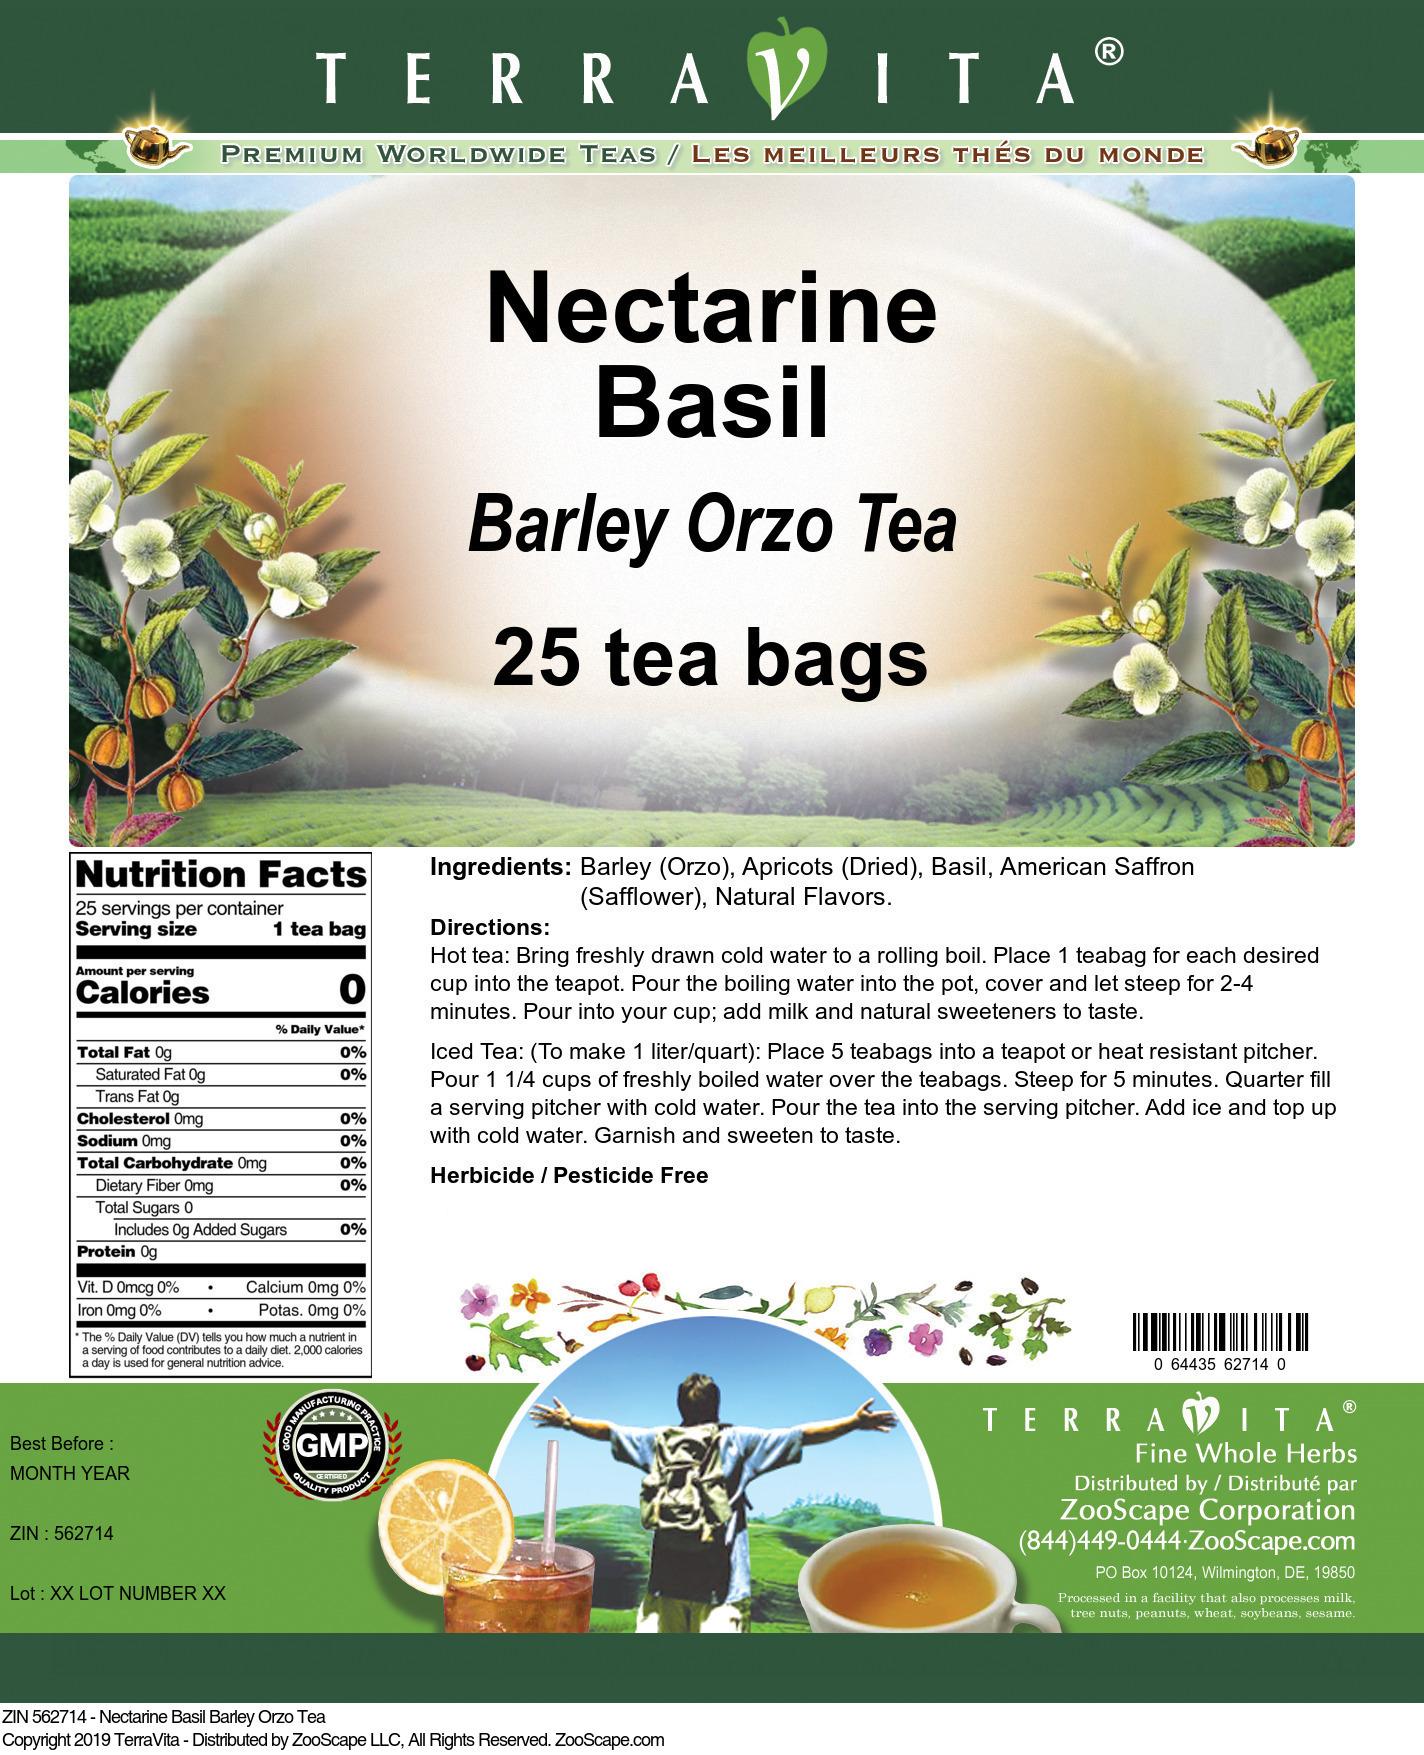 Nectarine Basil Barley Orzo Tea